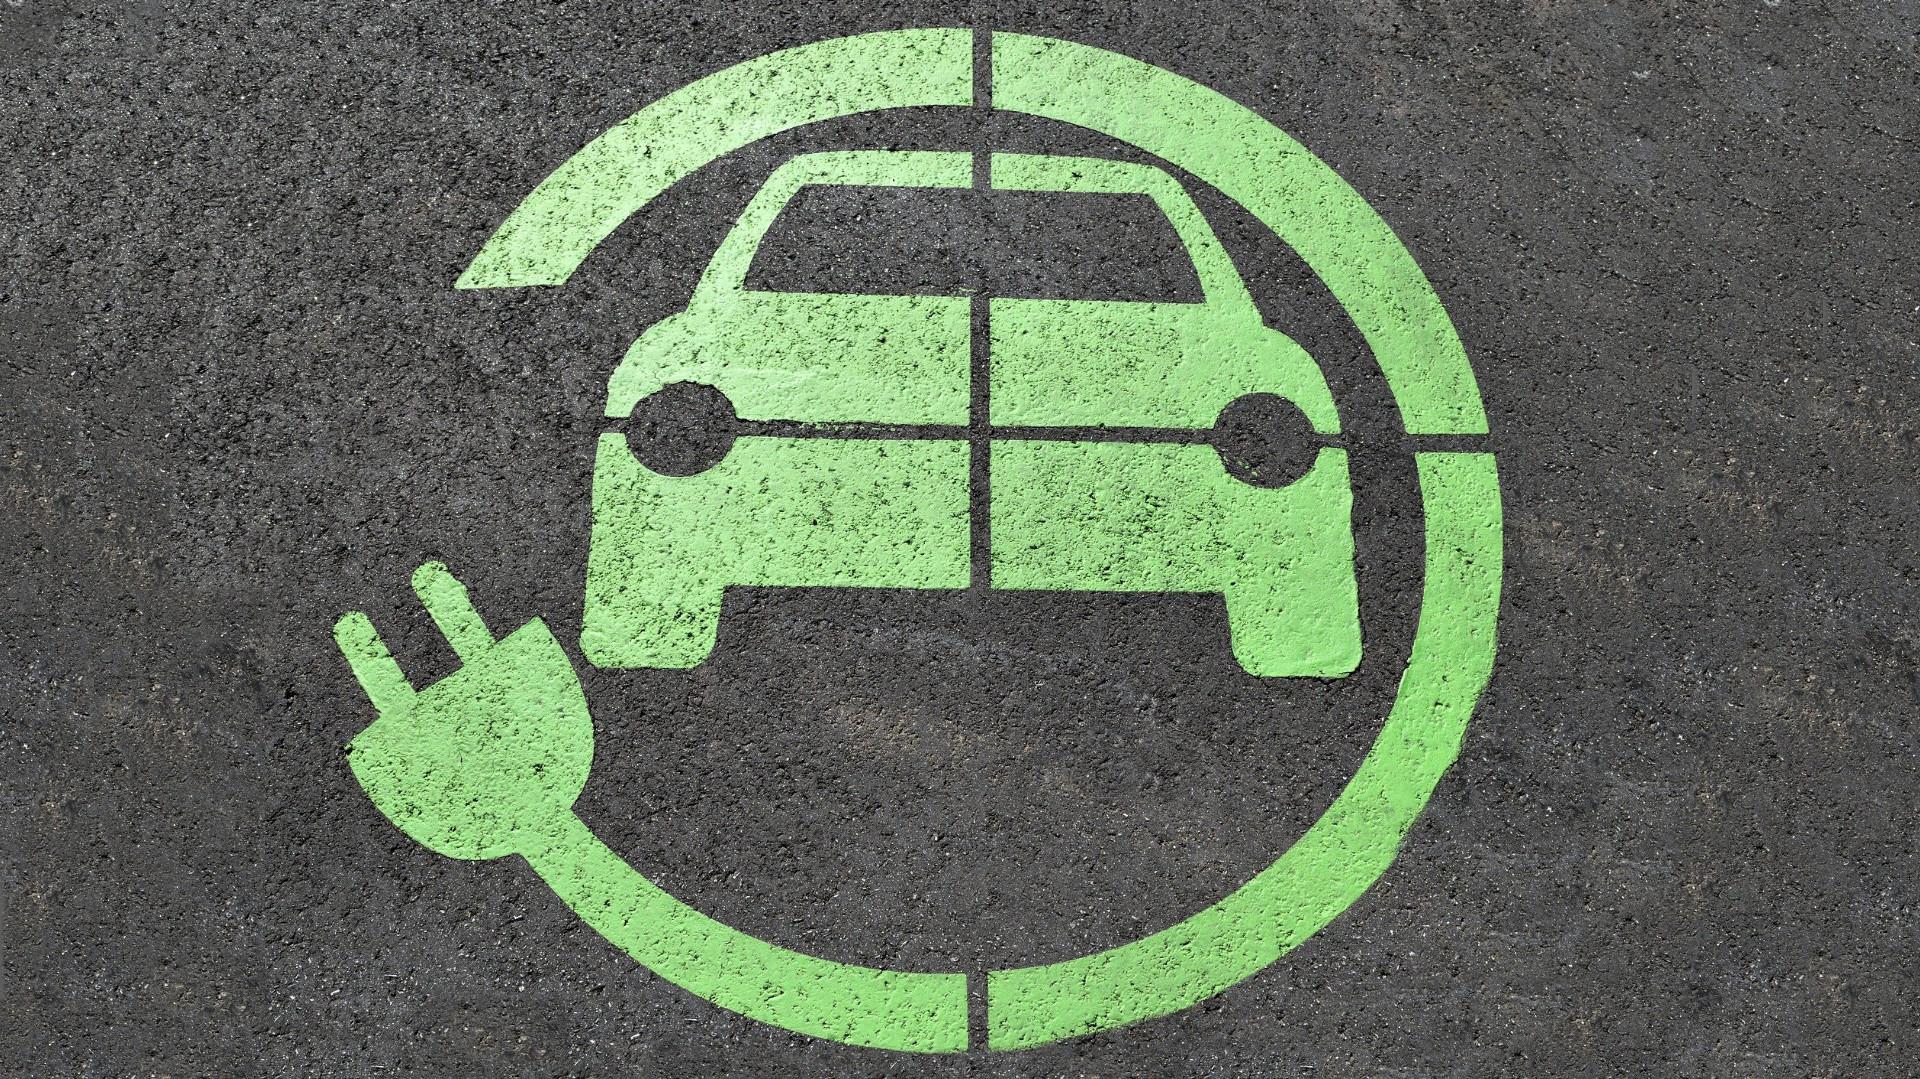 regione-lombardia-stanzia-26-milioni-per-rinnovare-parco-veicolare-con-auto-e-moto-a-basso-impatto-ambientale-minicarmilano-aixam-minicar-elettrica